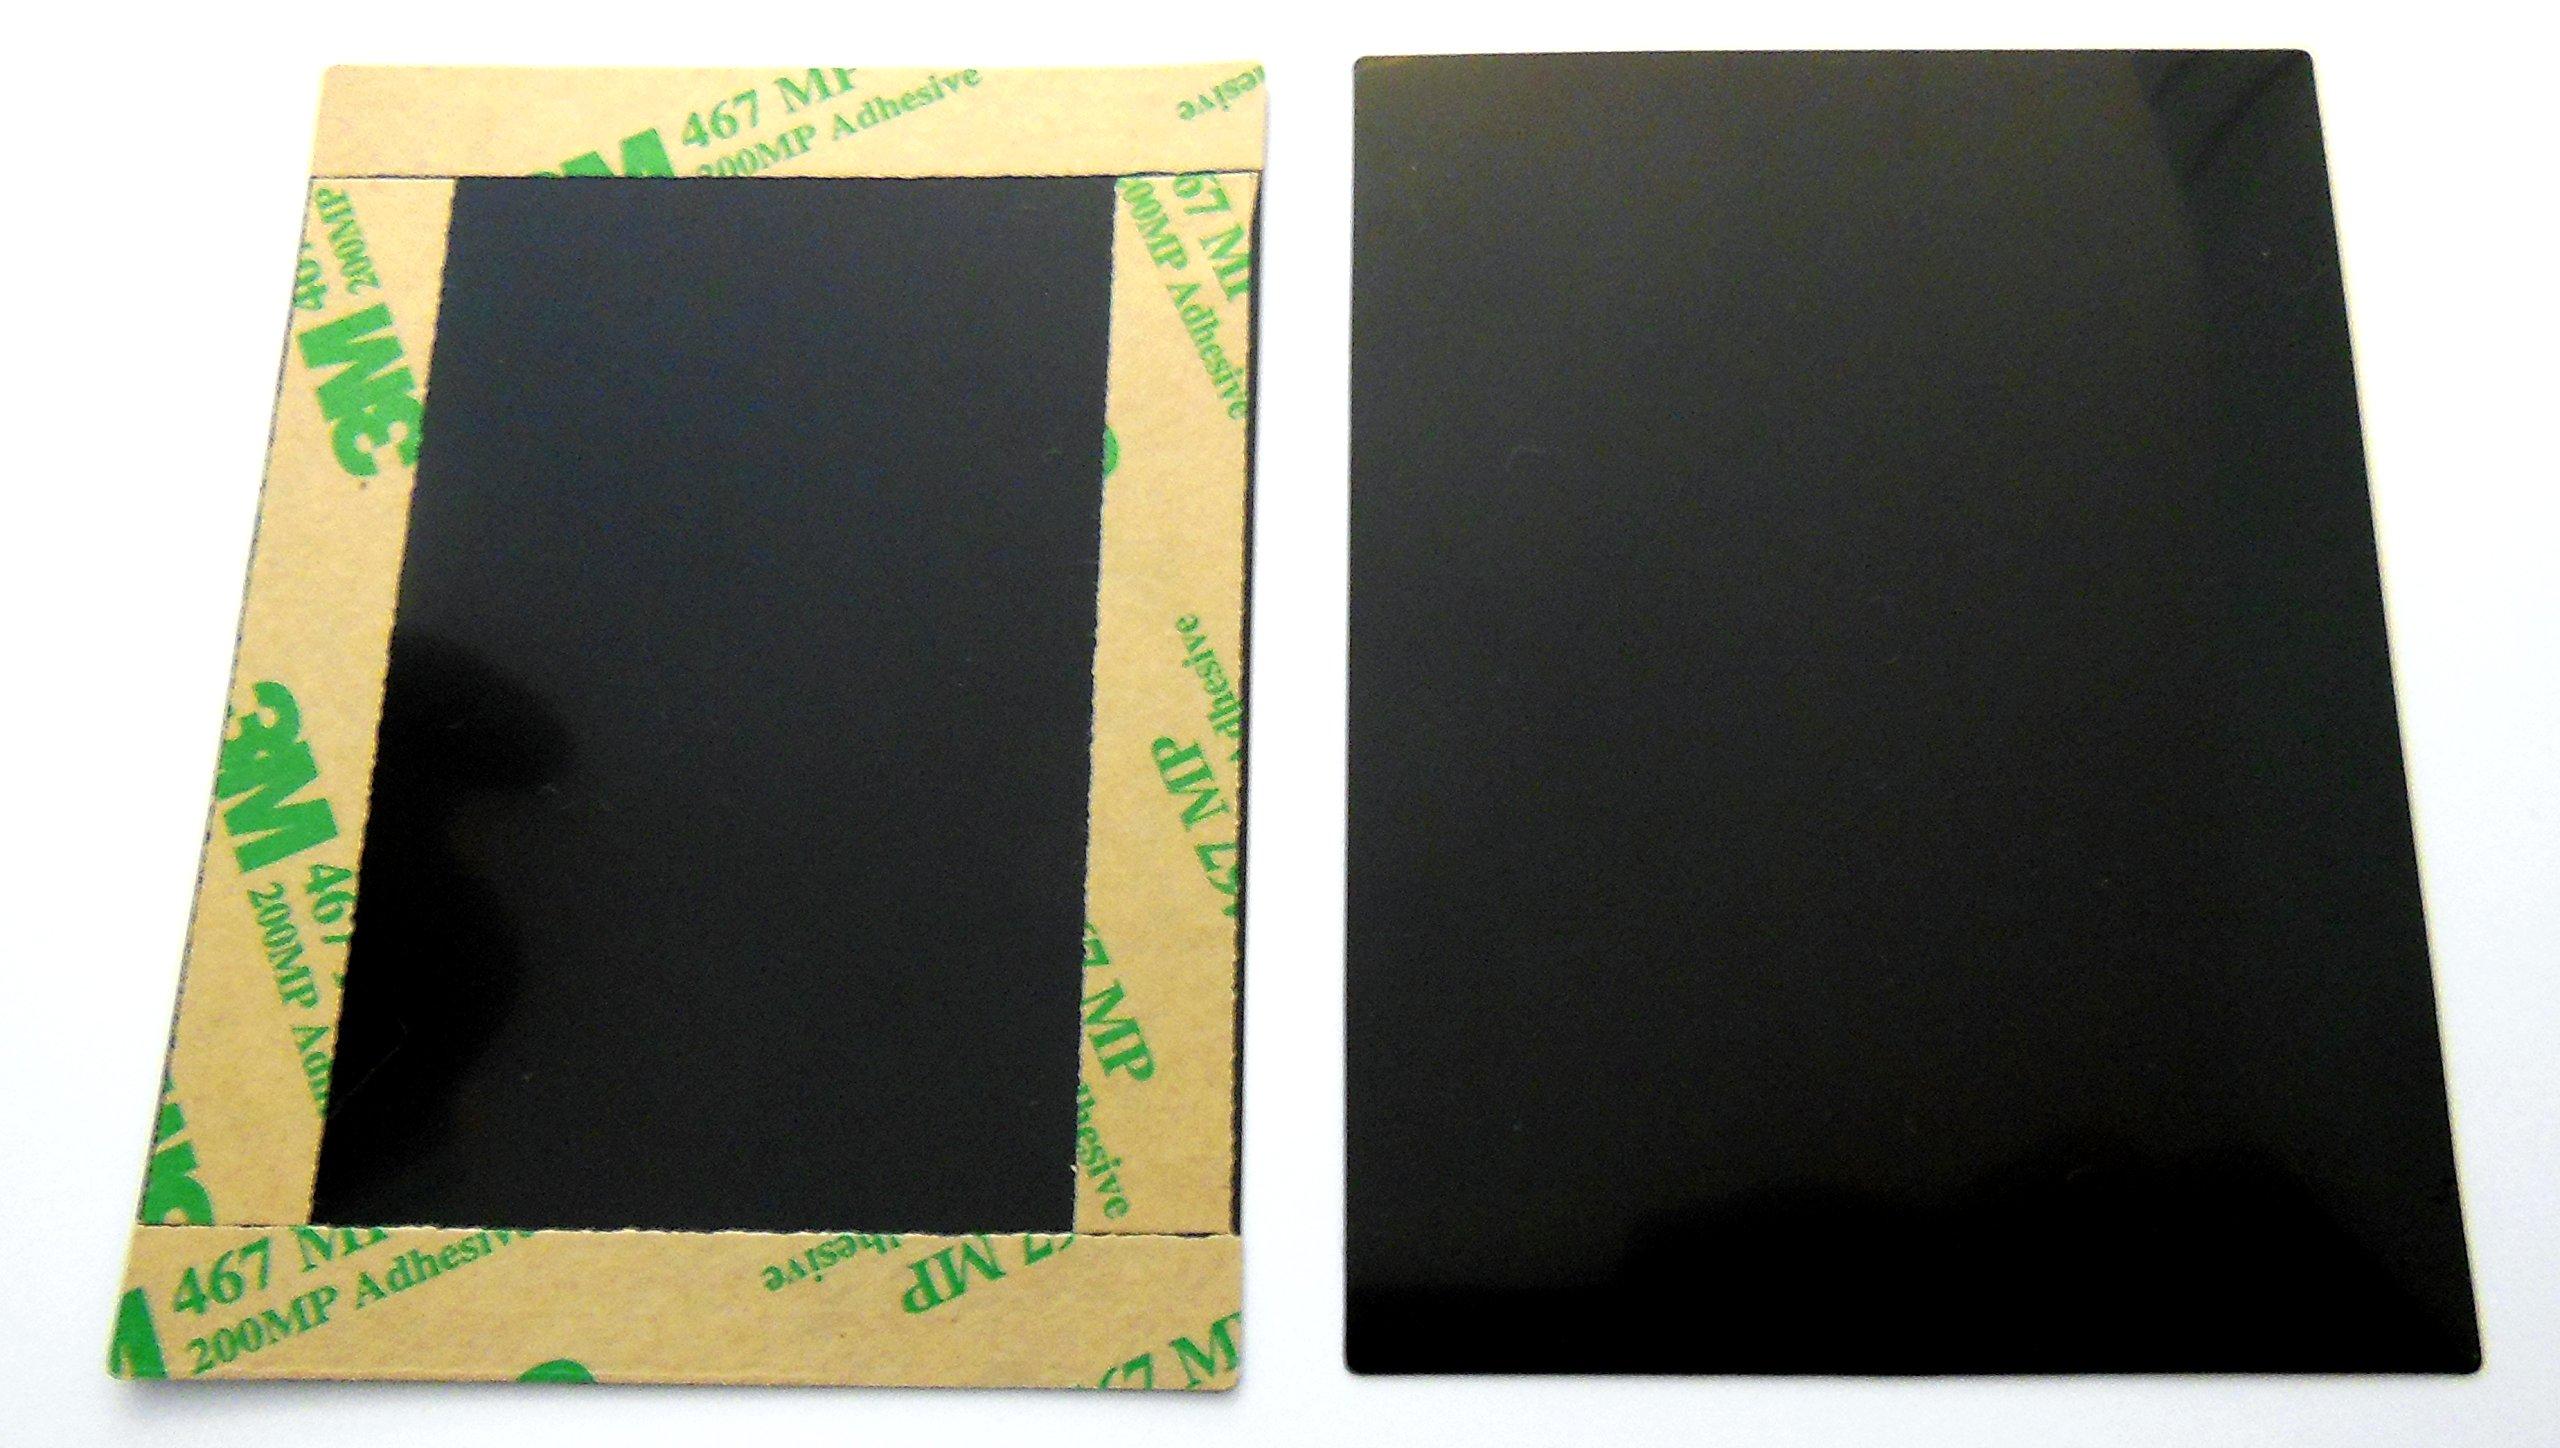 Teflon Hard Drive Heat Shield for Western Digital, Seagate, Hitachi Hard Drives 7 x 9.5cm [T]